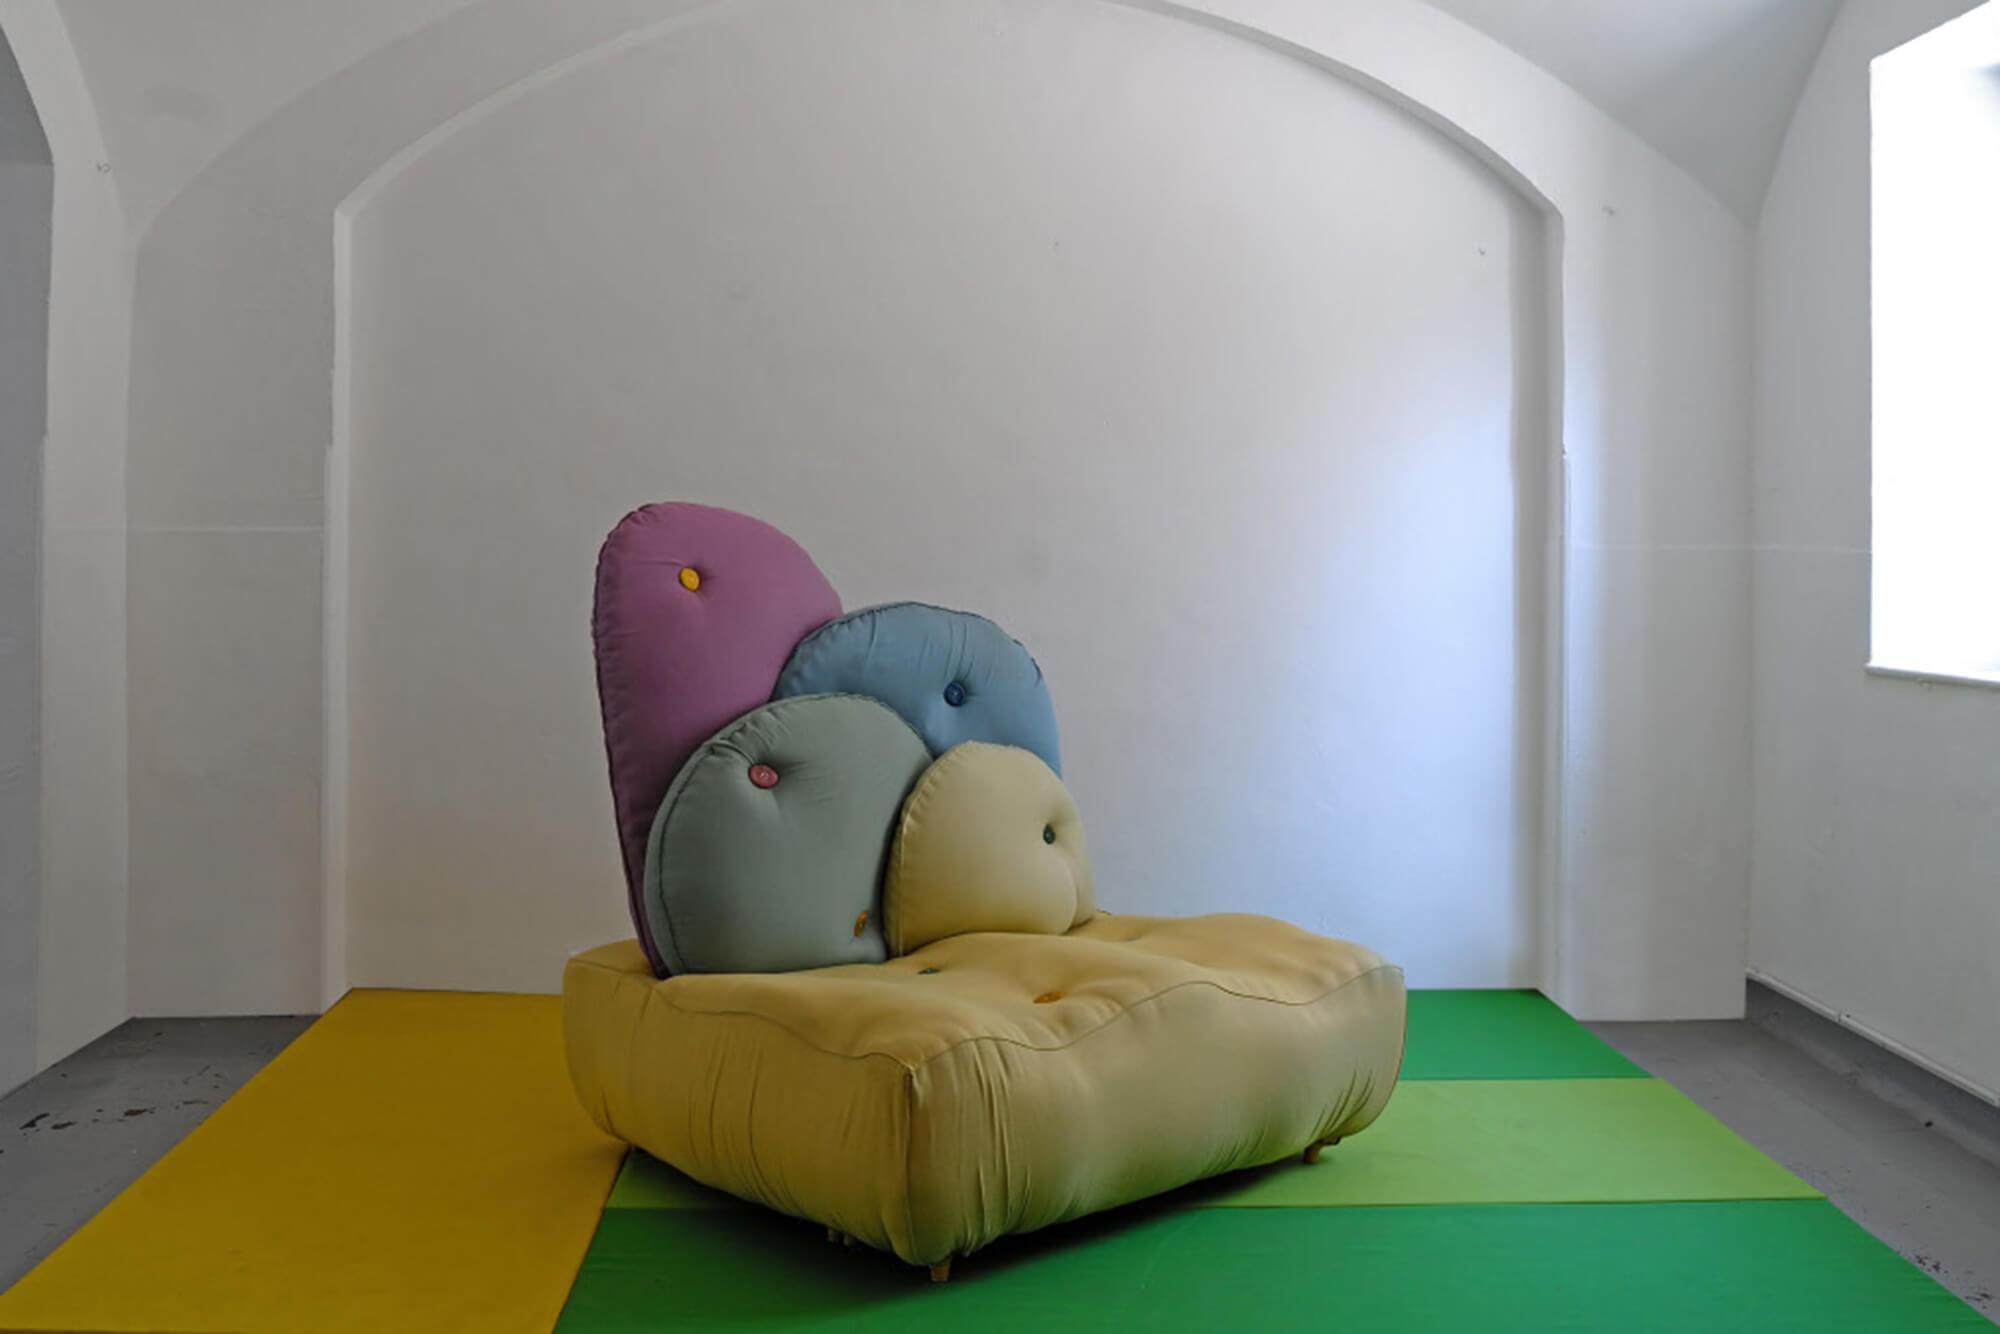 Praca duetu artystów BCXSY, którzy tak wyobrazili sobie kanapę Chesterfield jako mebel ogrodowy pokryty tkaninami Sunbrella